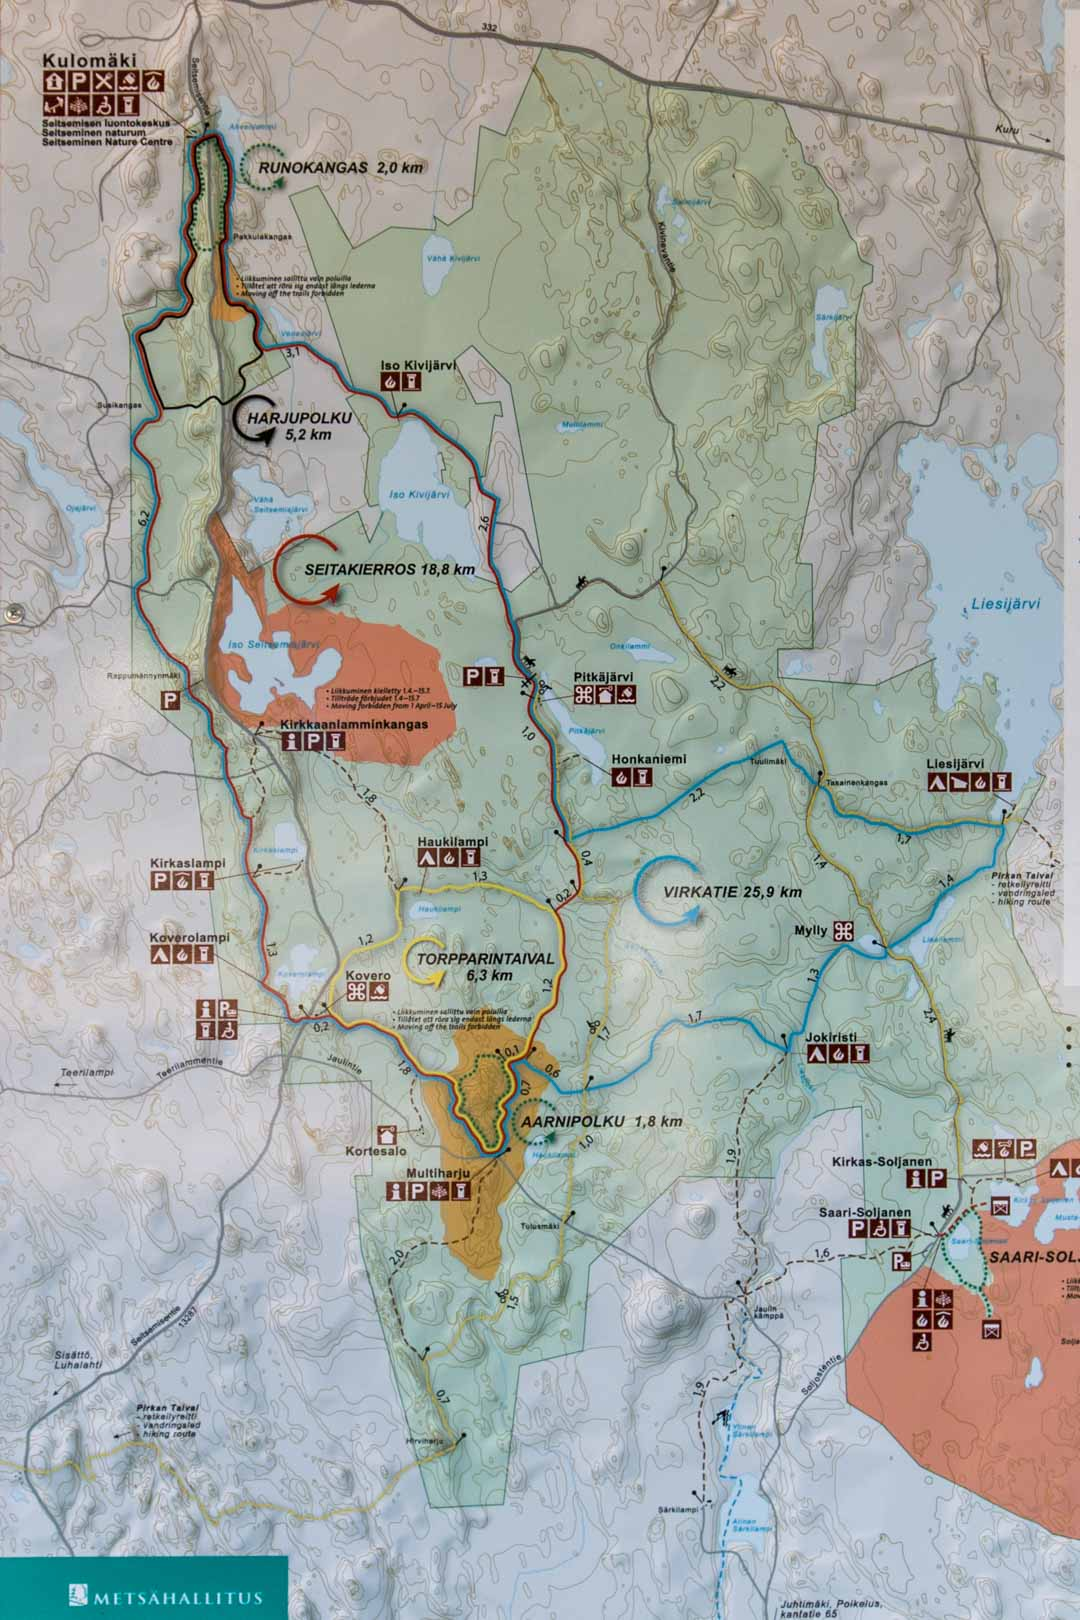 Seitsemisen kansallispuiston kartta